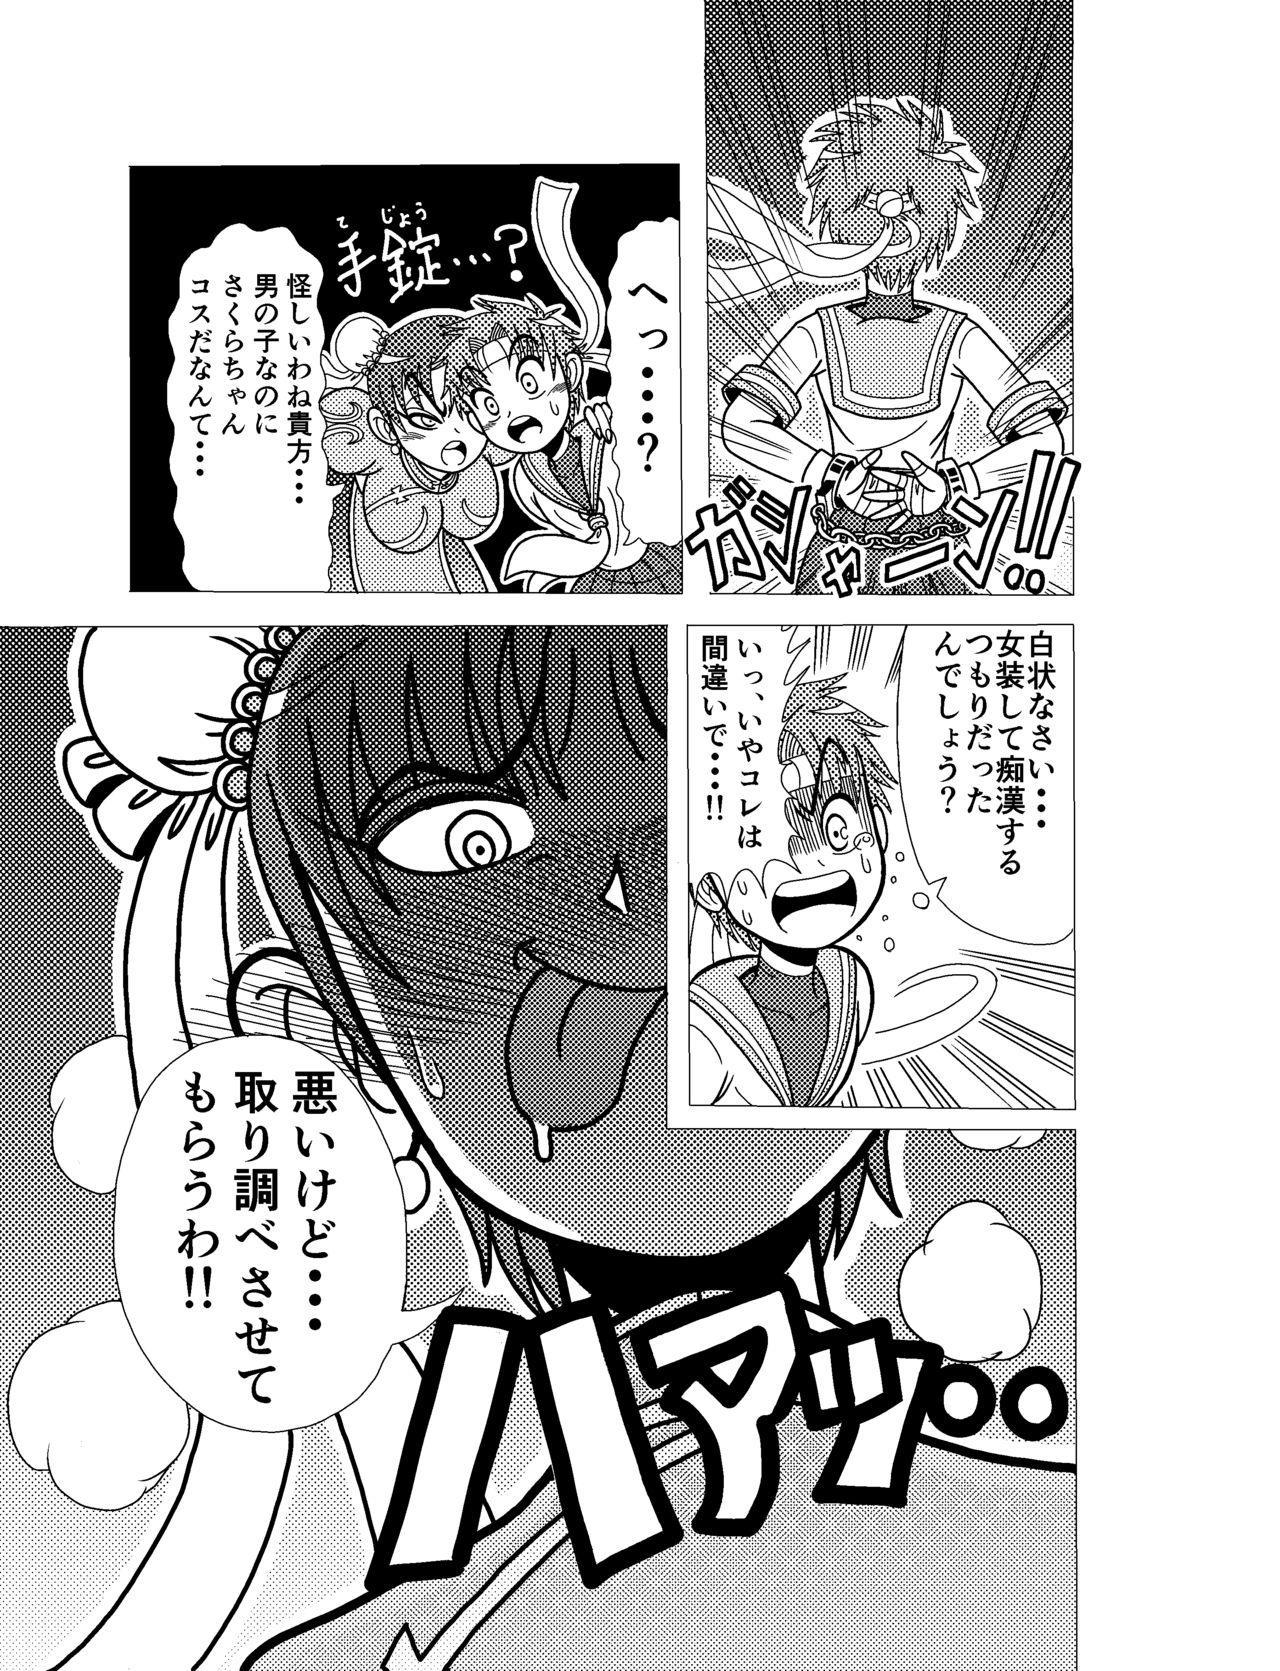 Sakura Cos Shota Kyousei Rojou Hentai Choukyou Gokumonsatsu 6